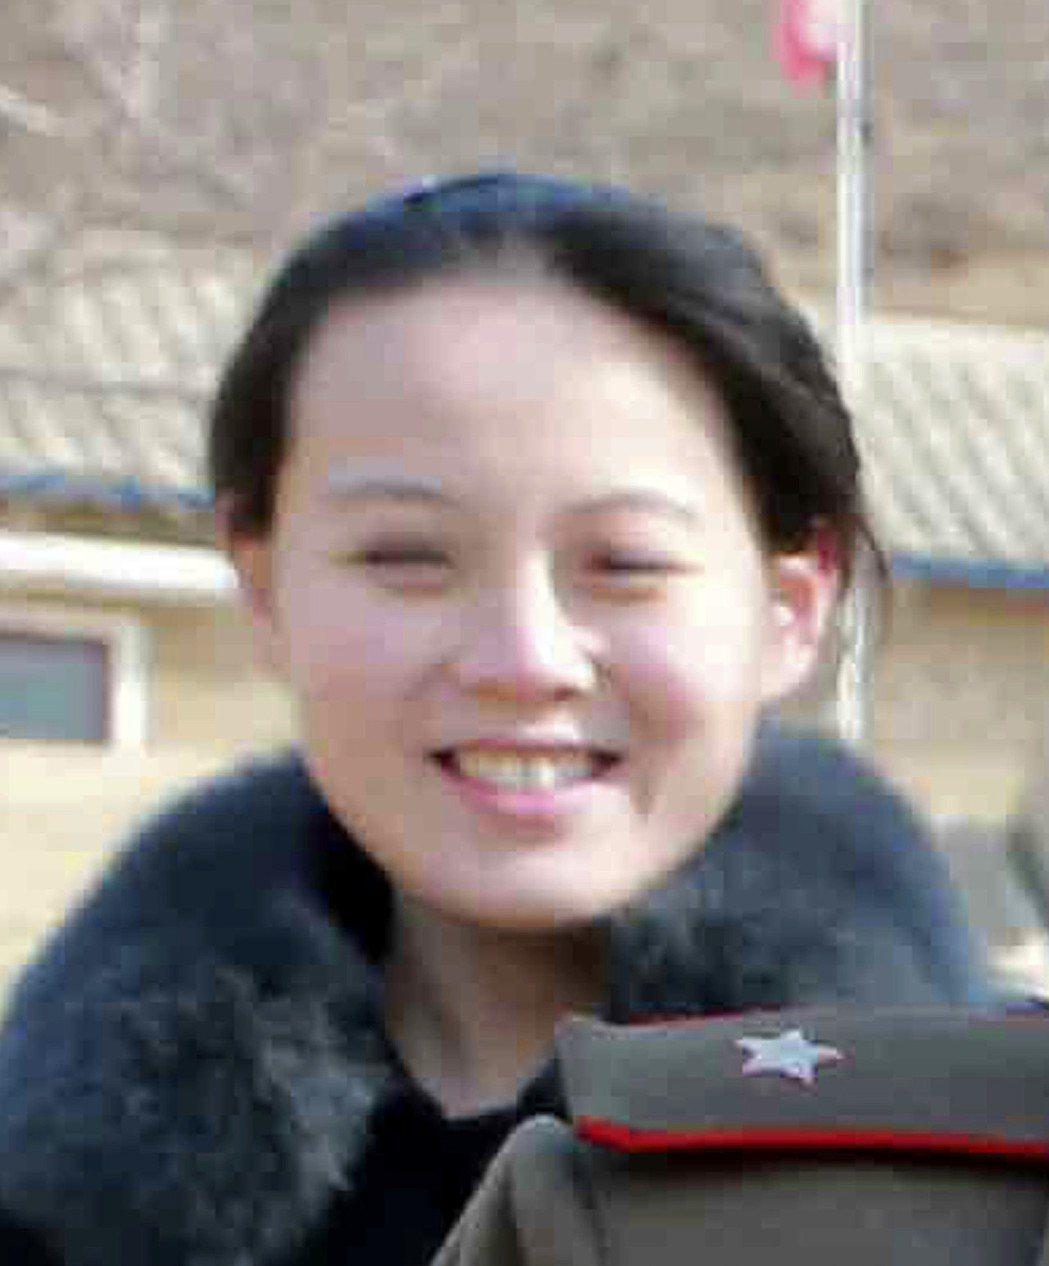 北韓領袖金正恩的胞妹金與正將與南韓總統文在寅共進午餐。(美聯社)